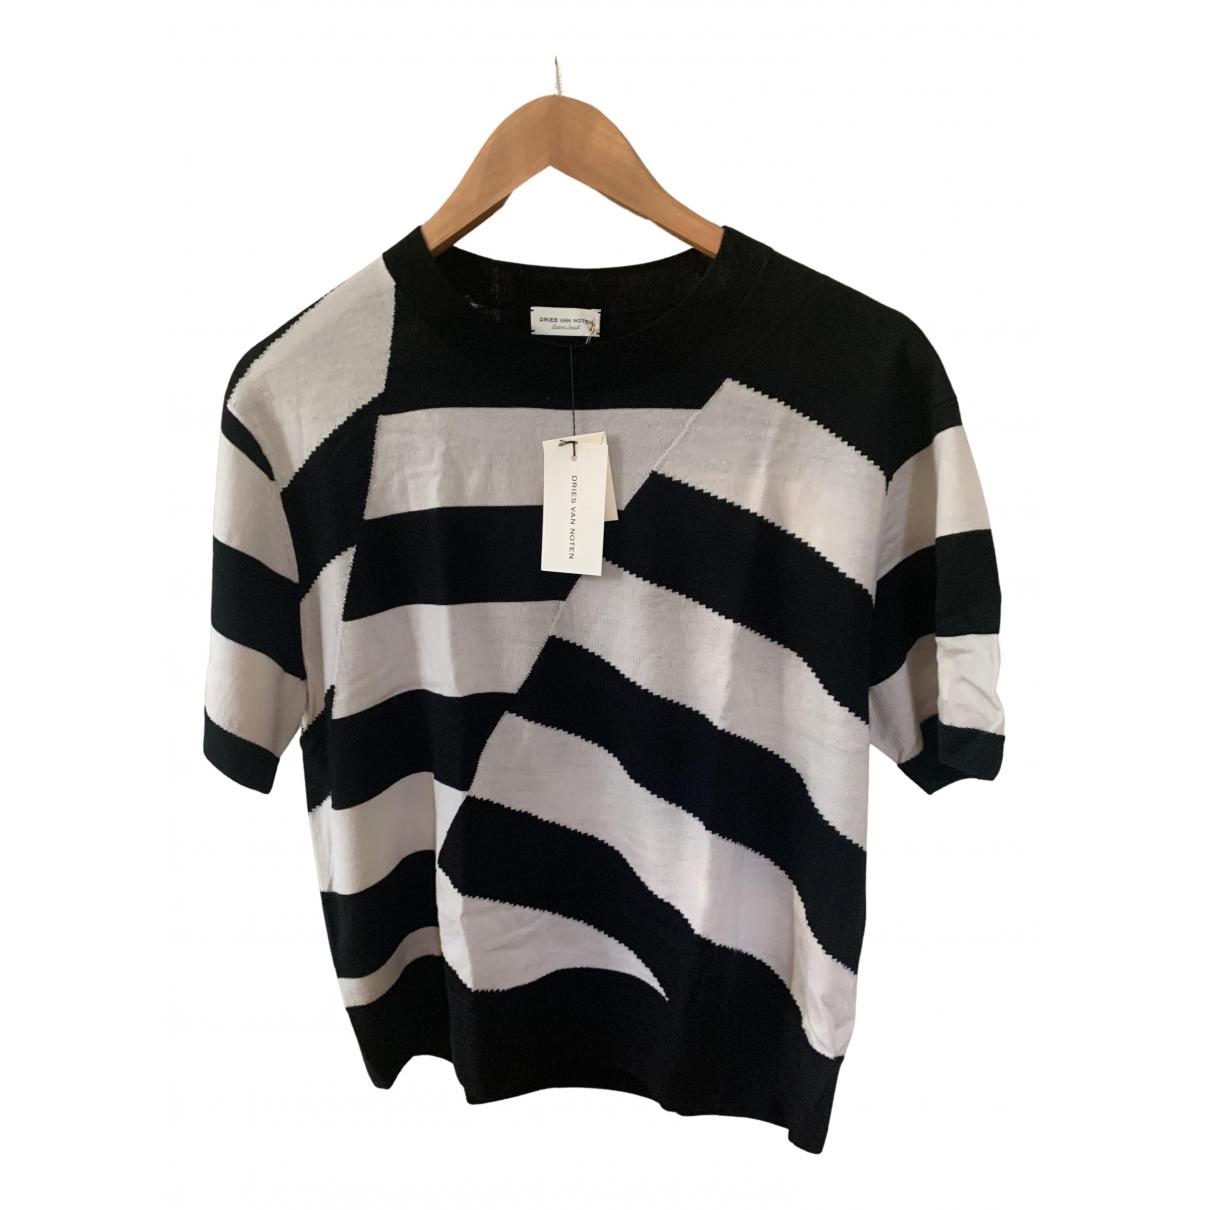 Dries Van Noten - Top   pour femme en laine - noir